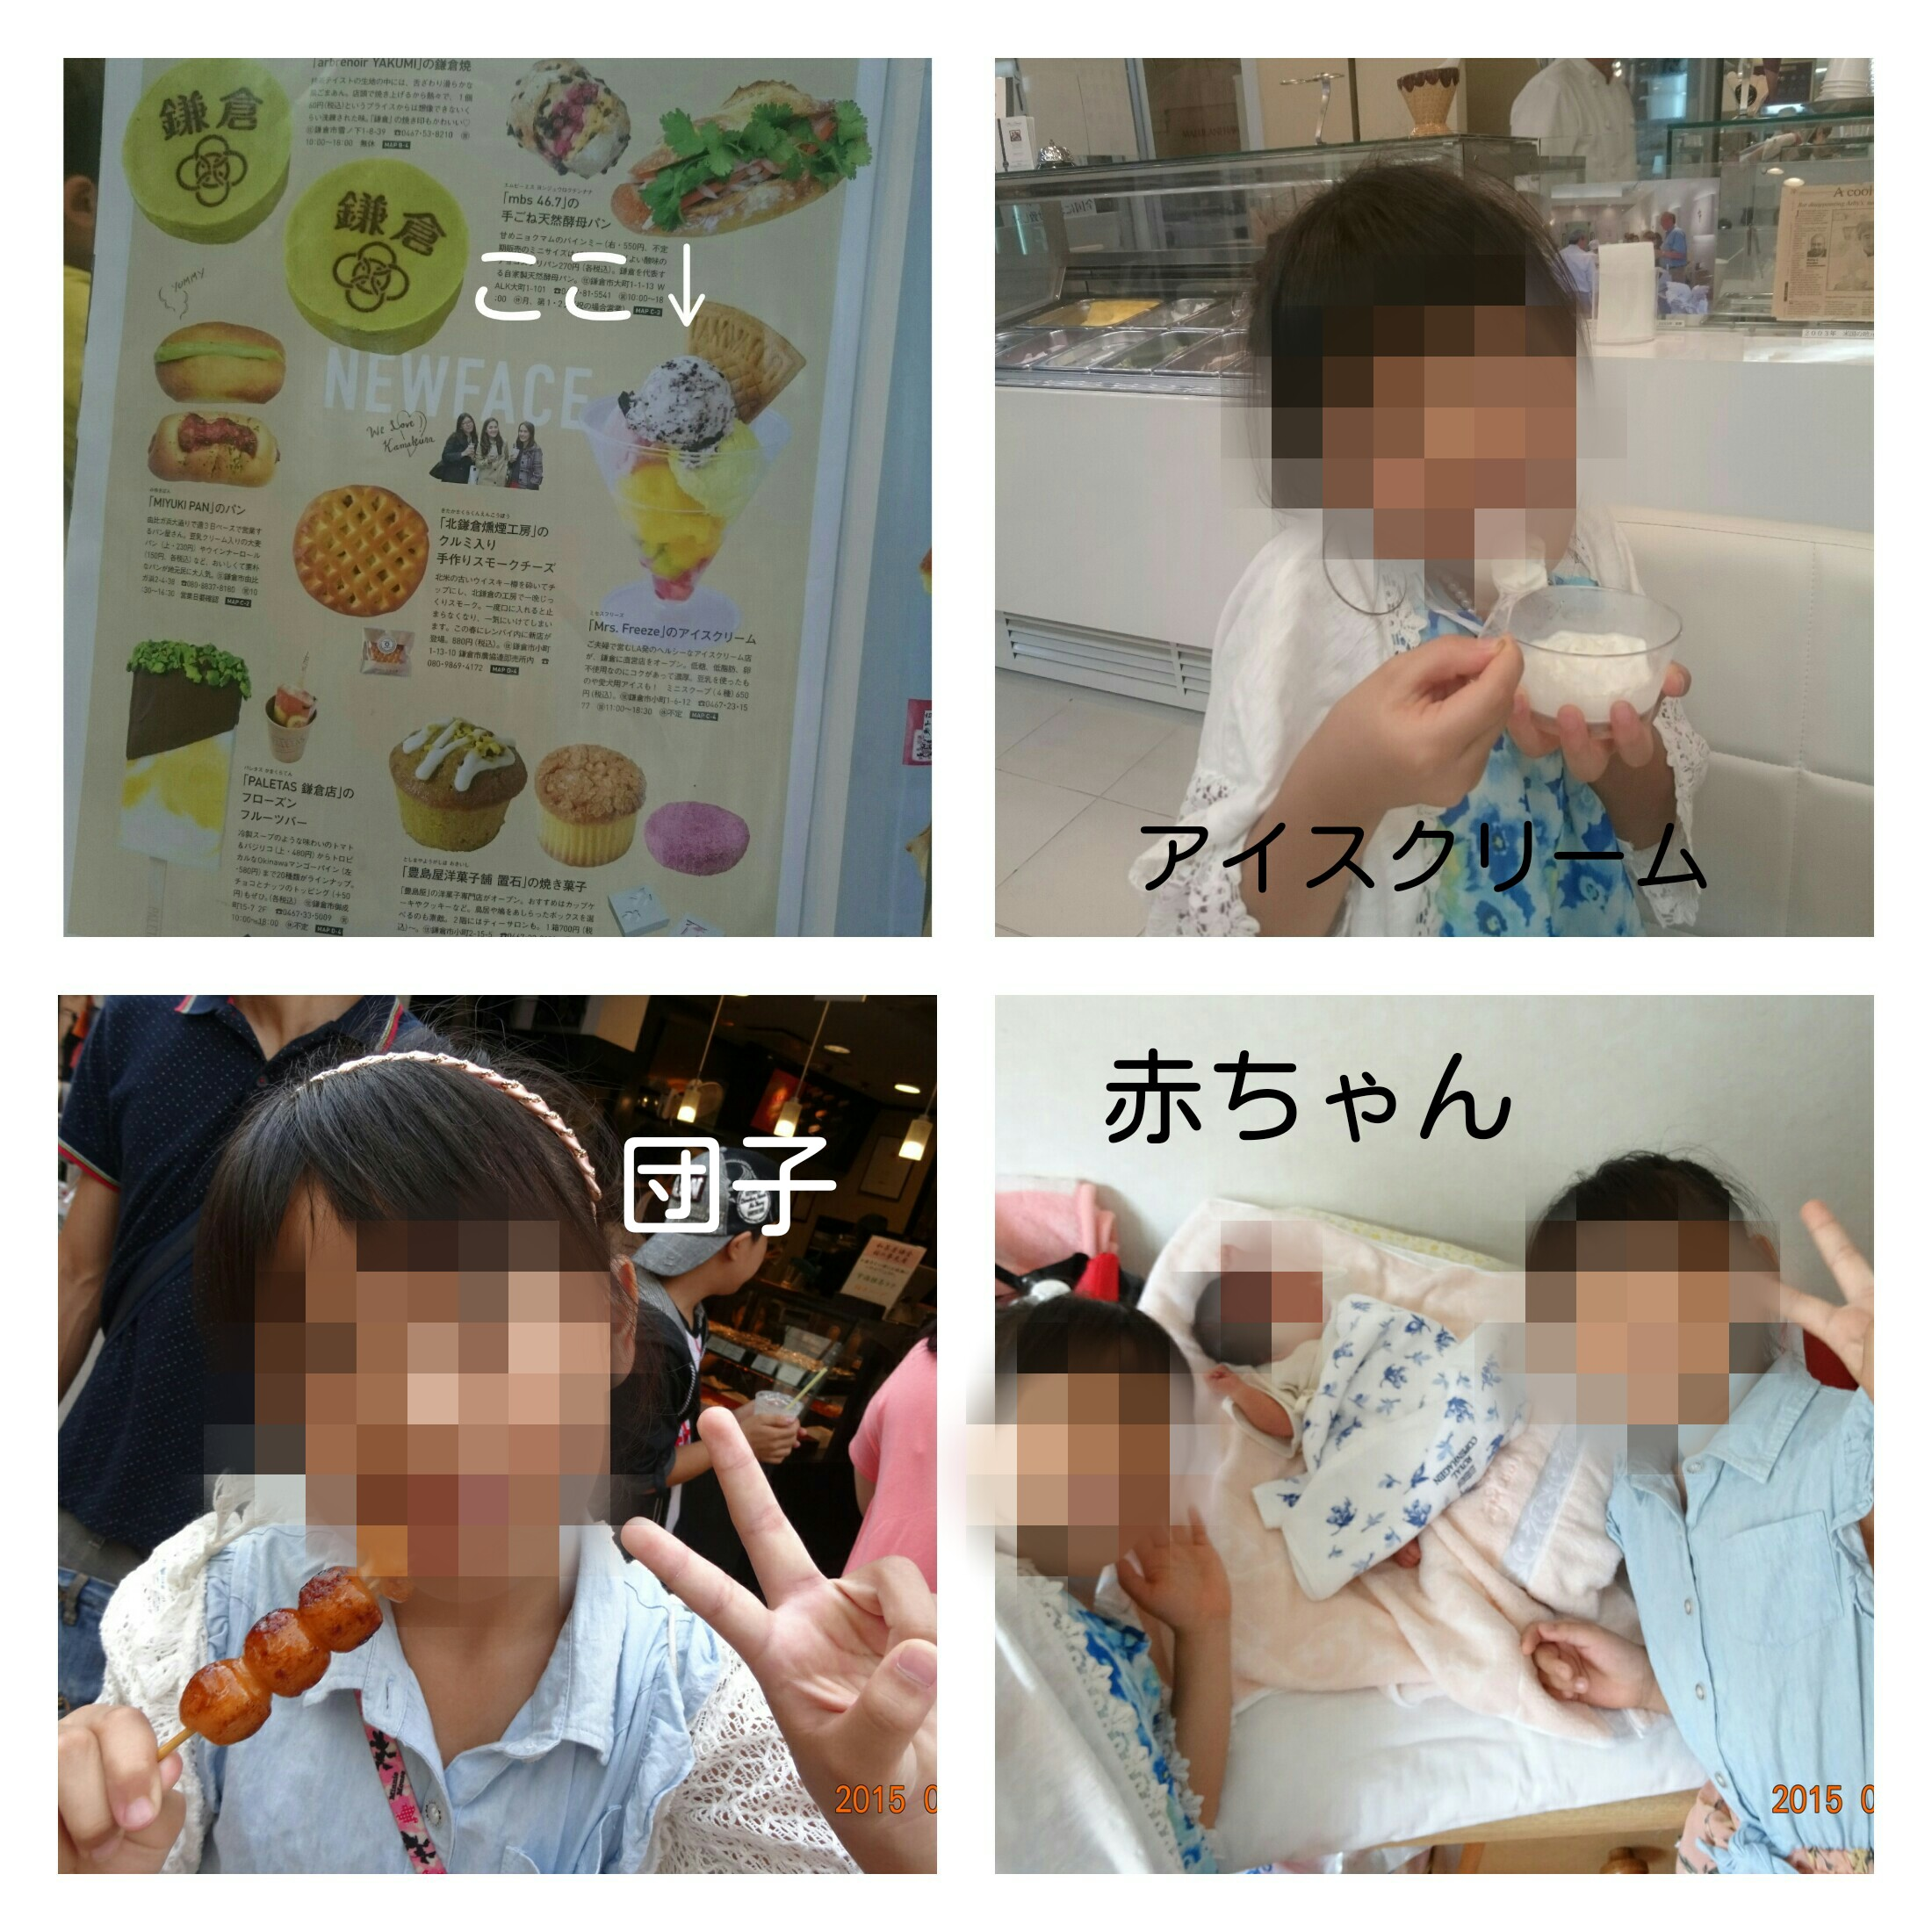 moblog_9bf09963.jpg